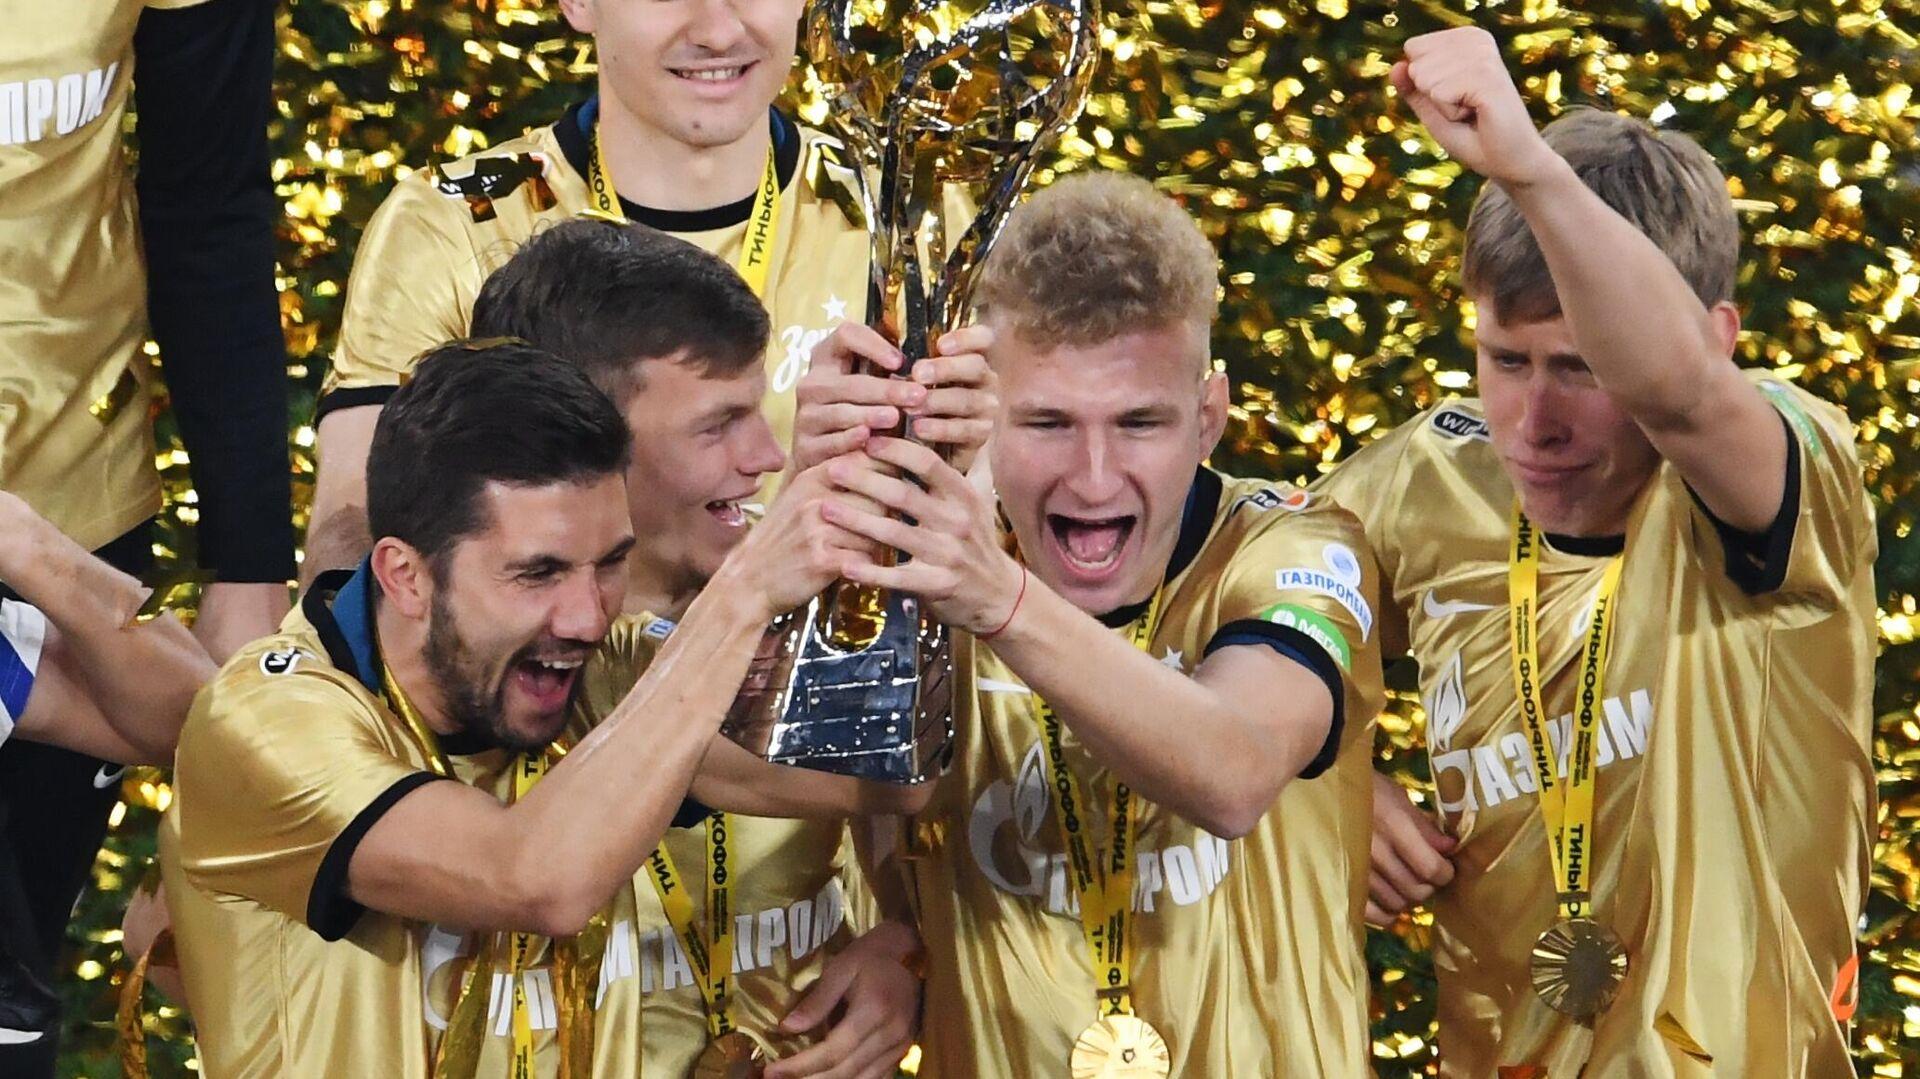 ФК Зенит стал досрочно чемпионом России - РИА Новости, 1920, 02.05.2021